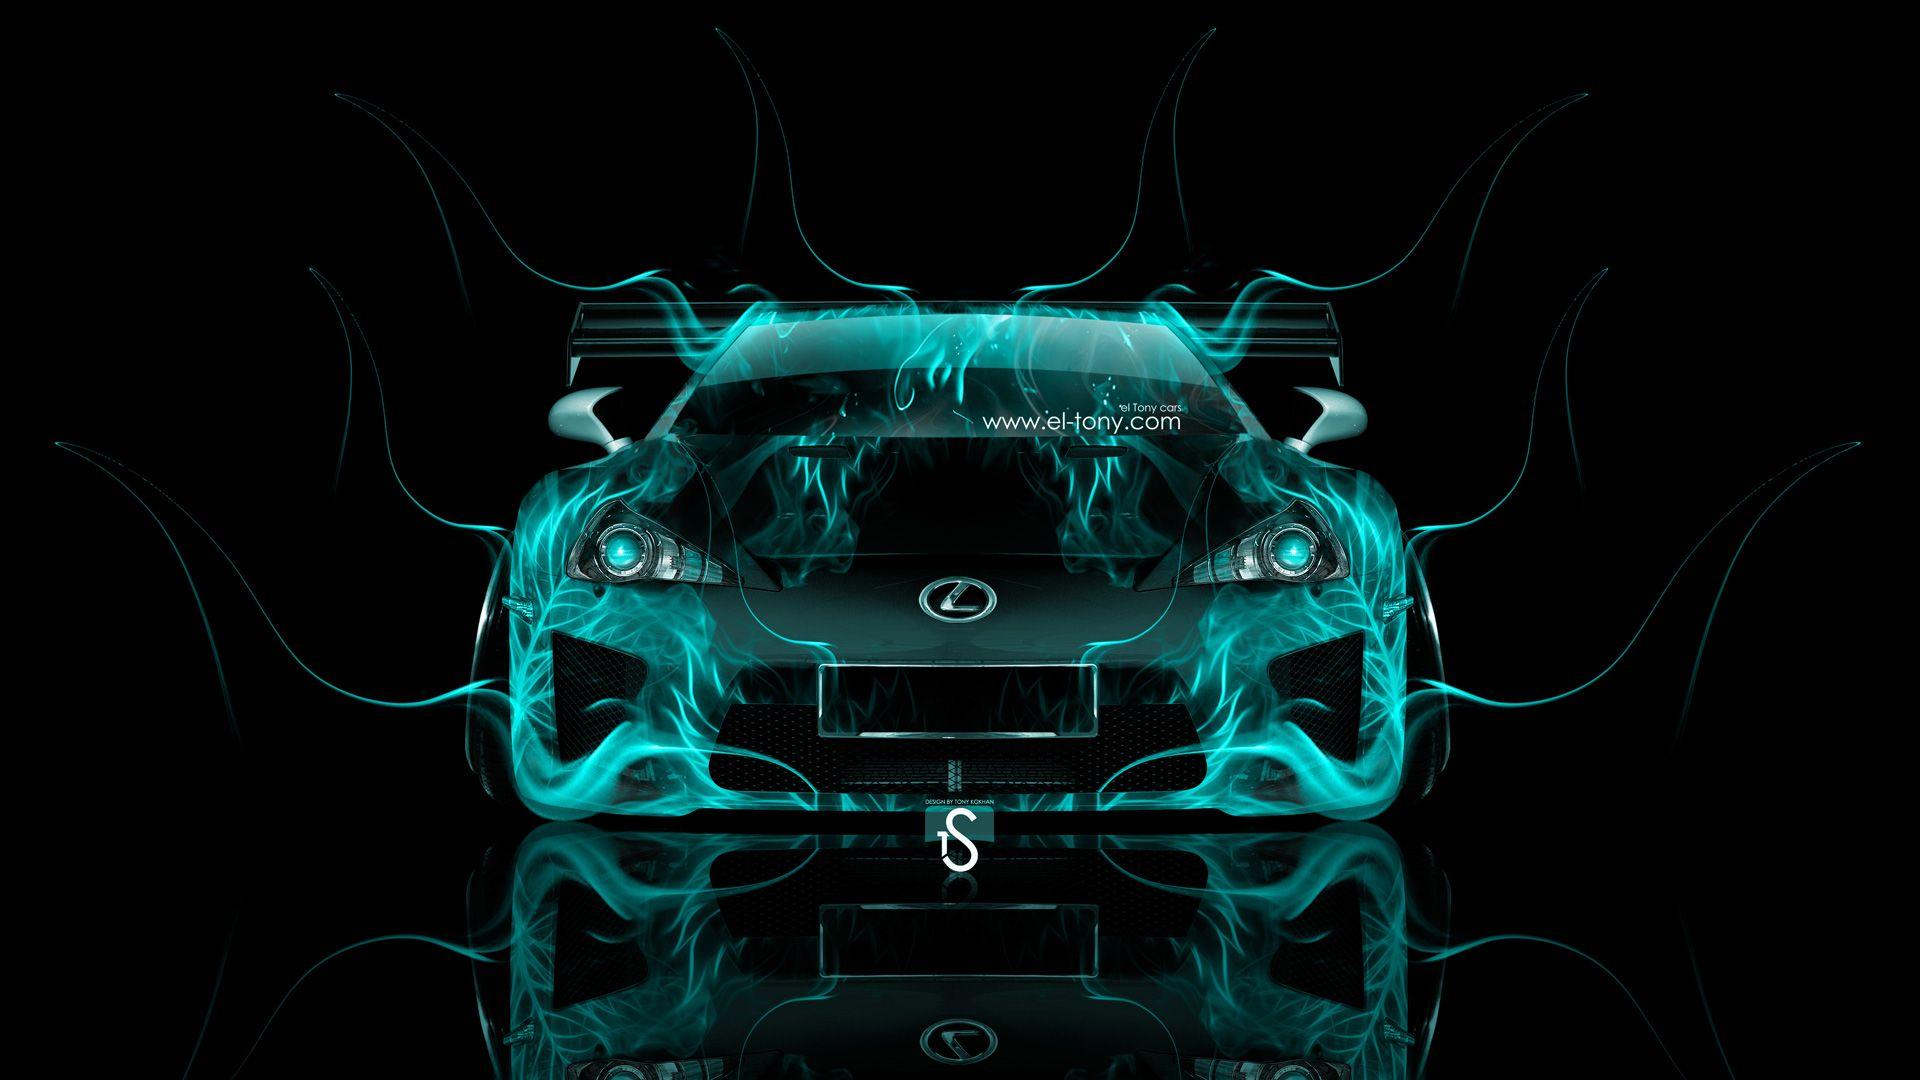 Superbe Bildergebnis Für Lexus Lfa Tuning Wallpaper